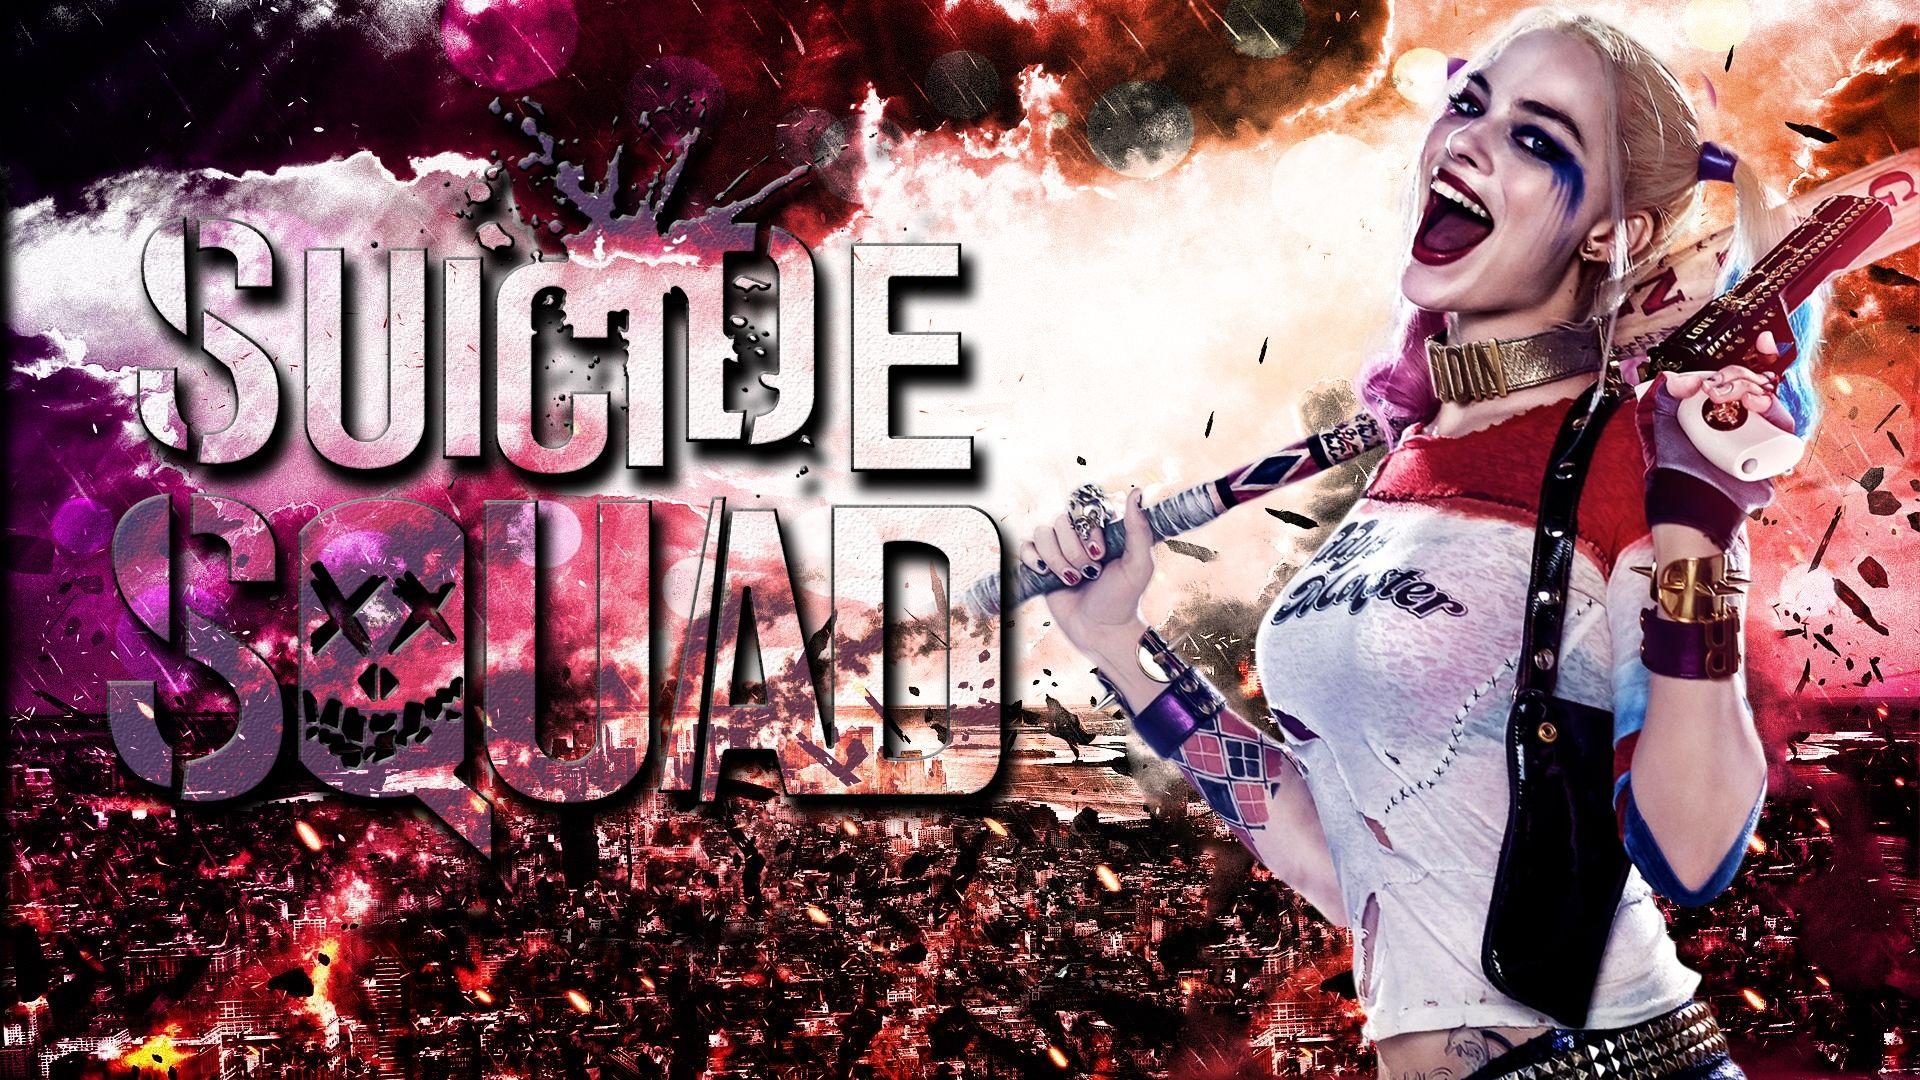 Suicide Squad, Best Wallpaper